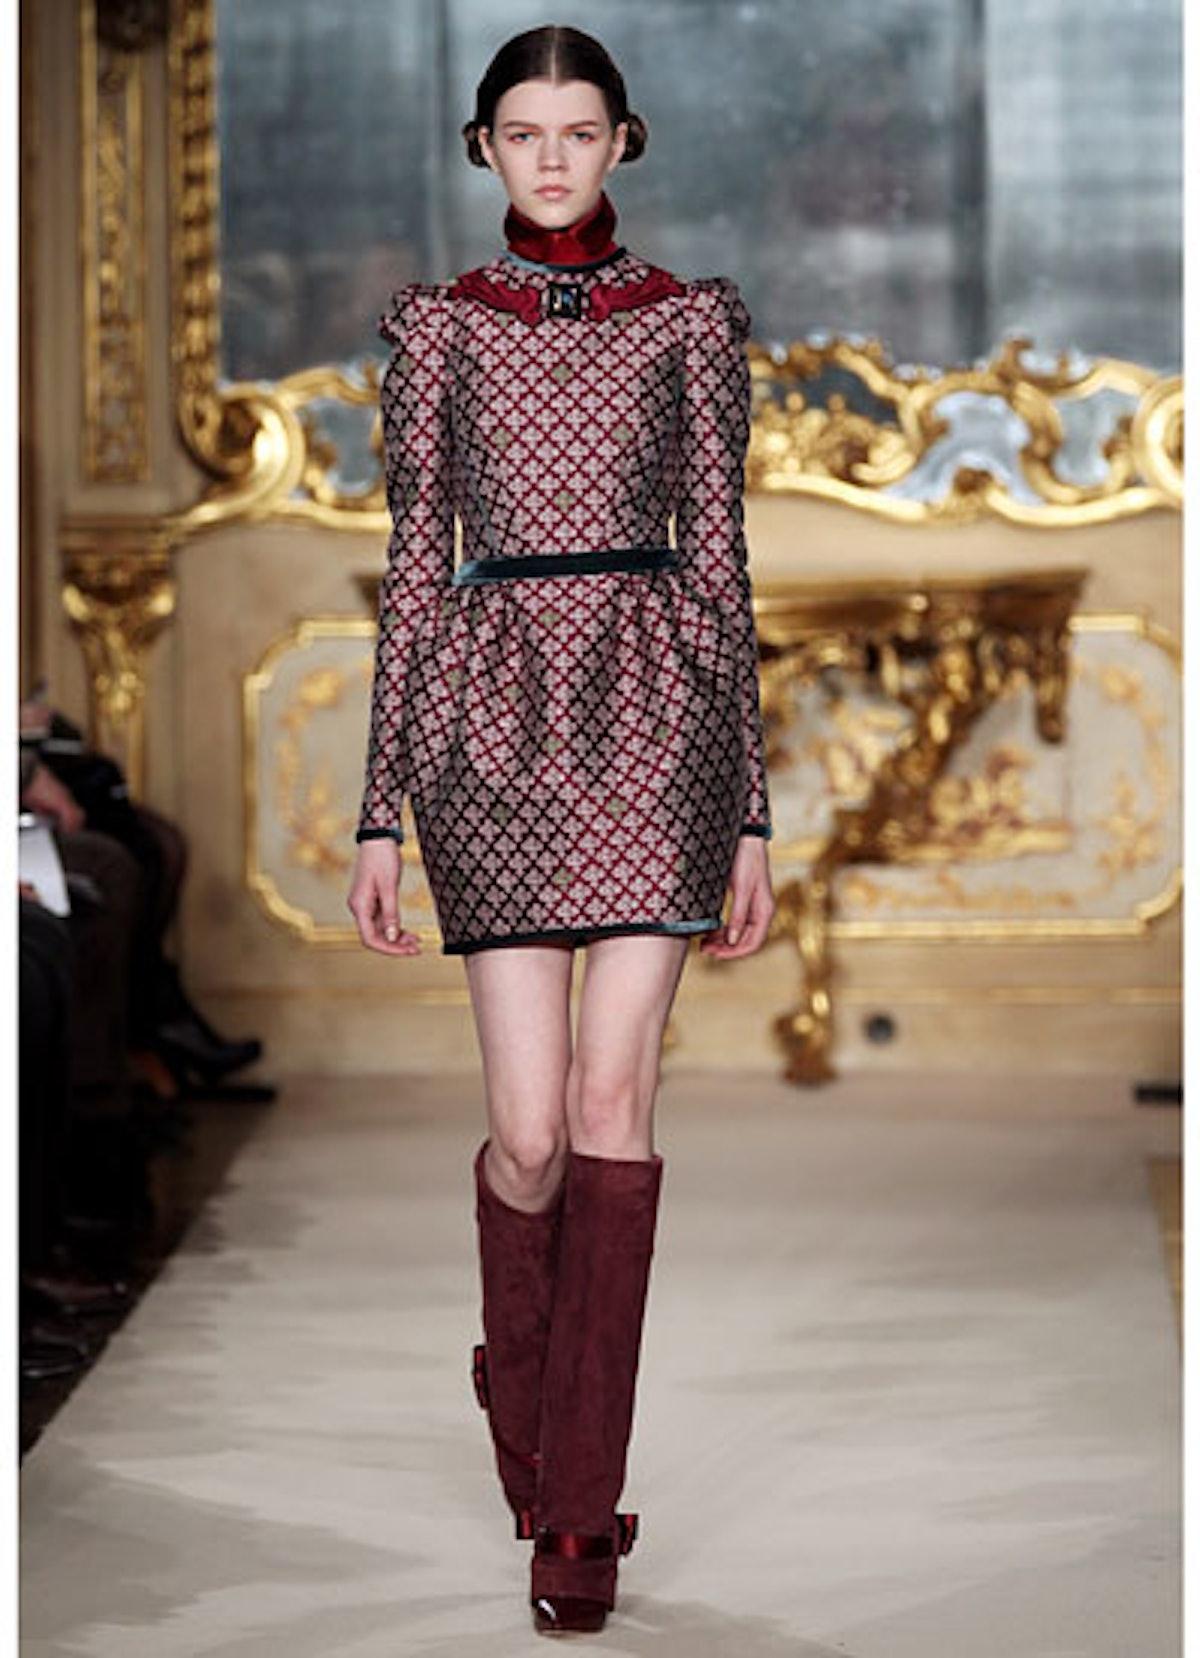 fass-fall-2012-fashion-roundup-24-v.jpg